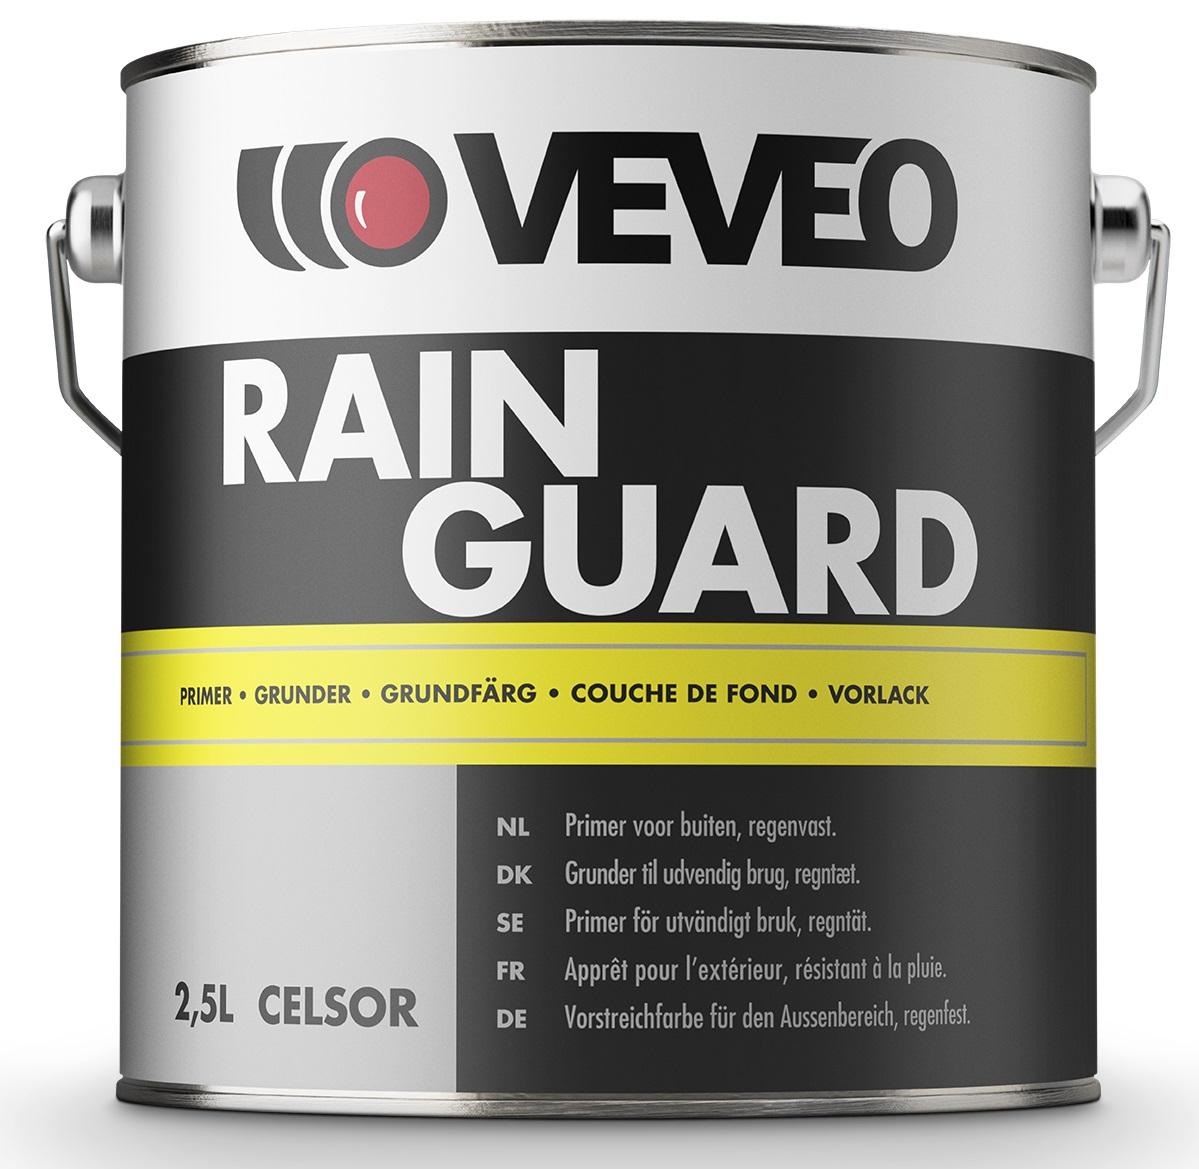 Celsor Rain Guard Primer 4S